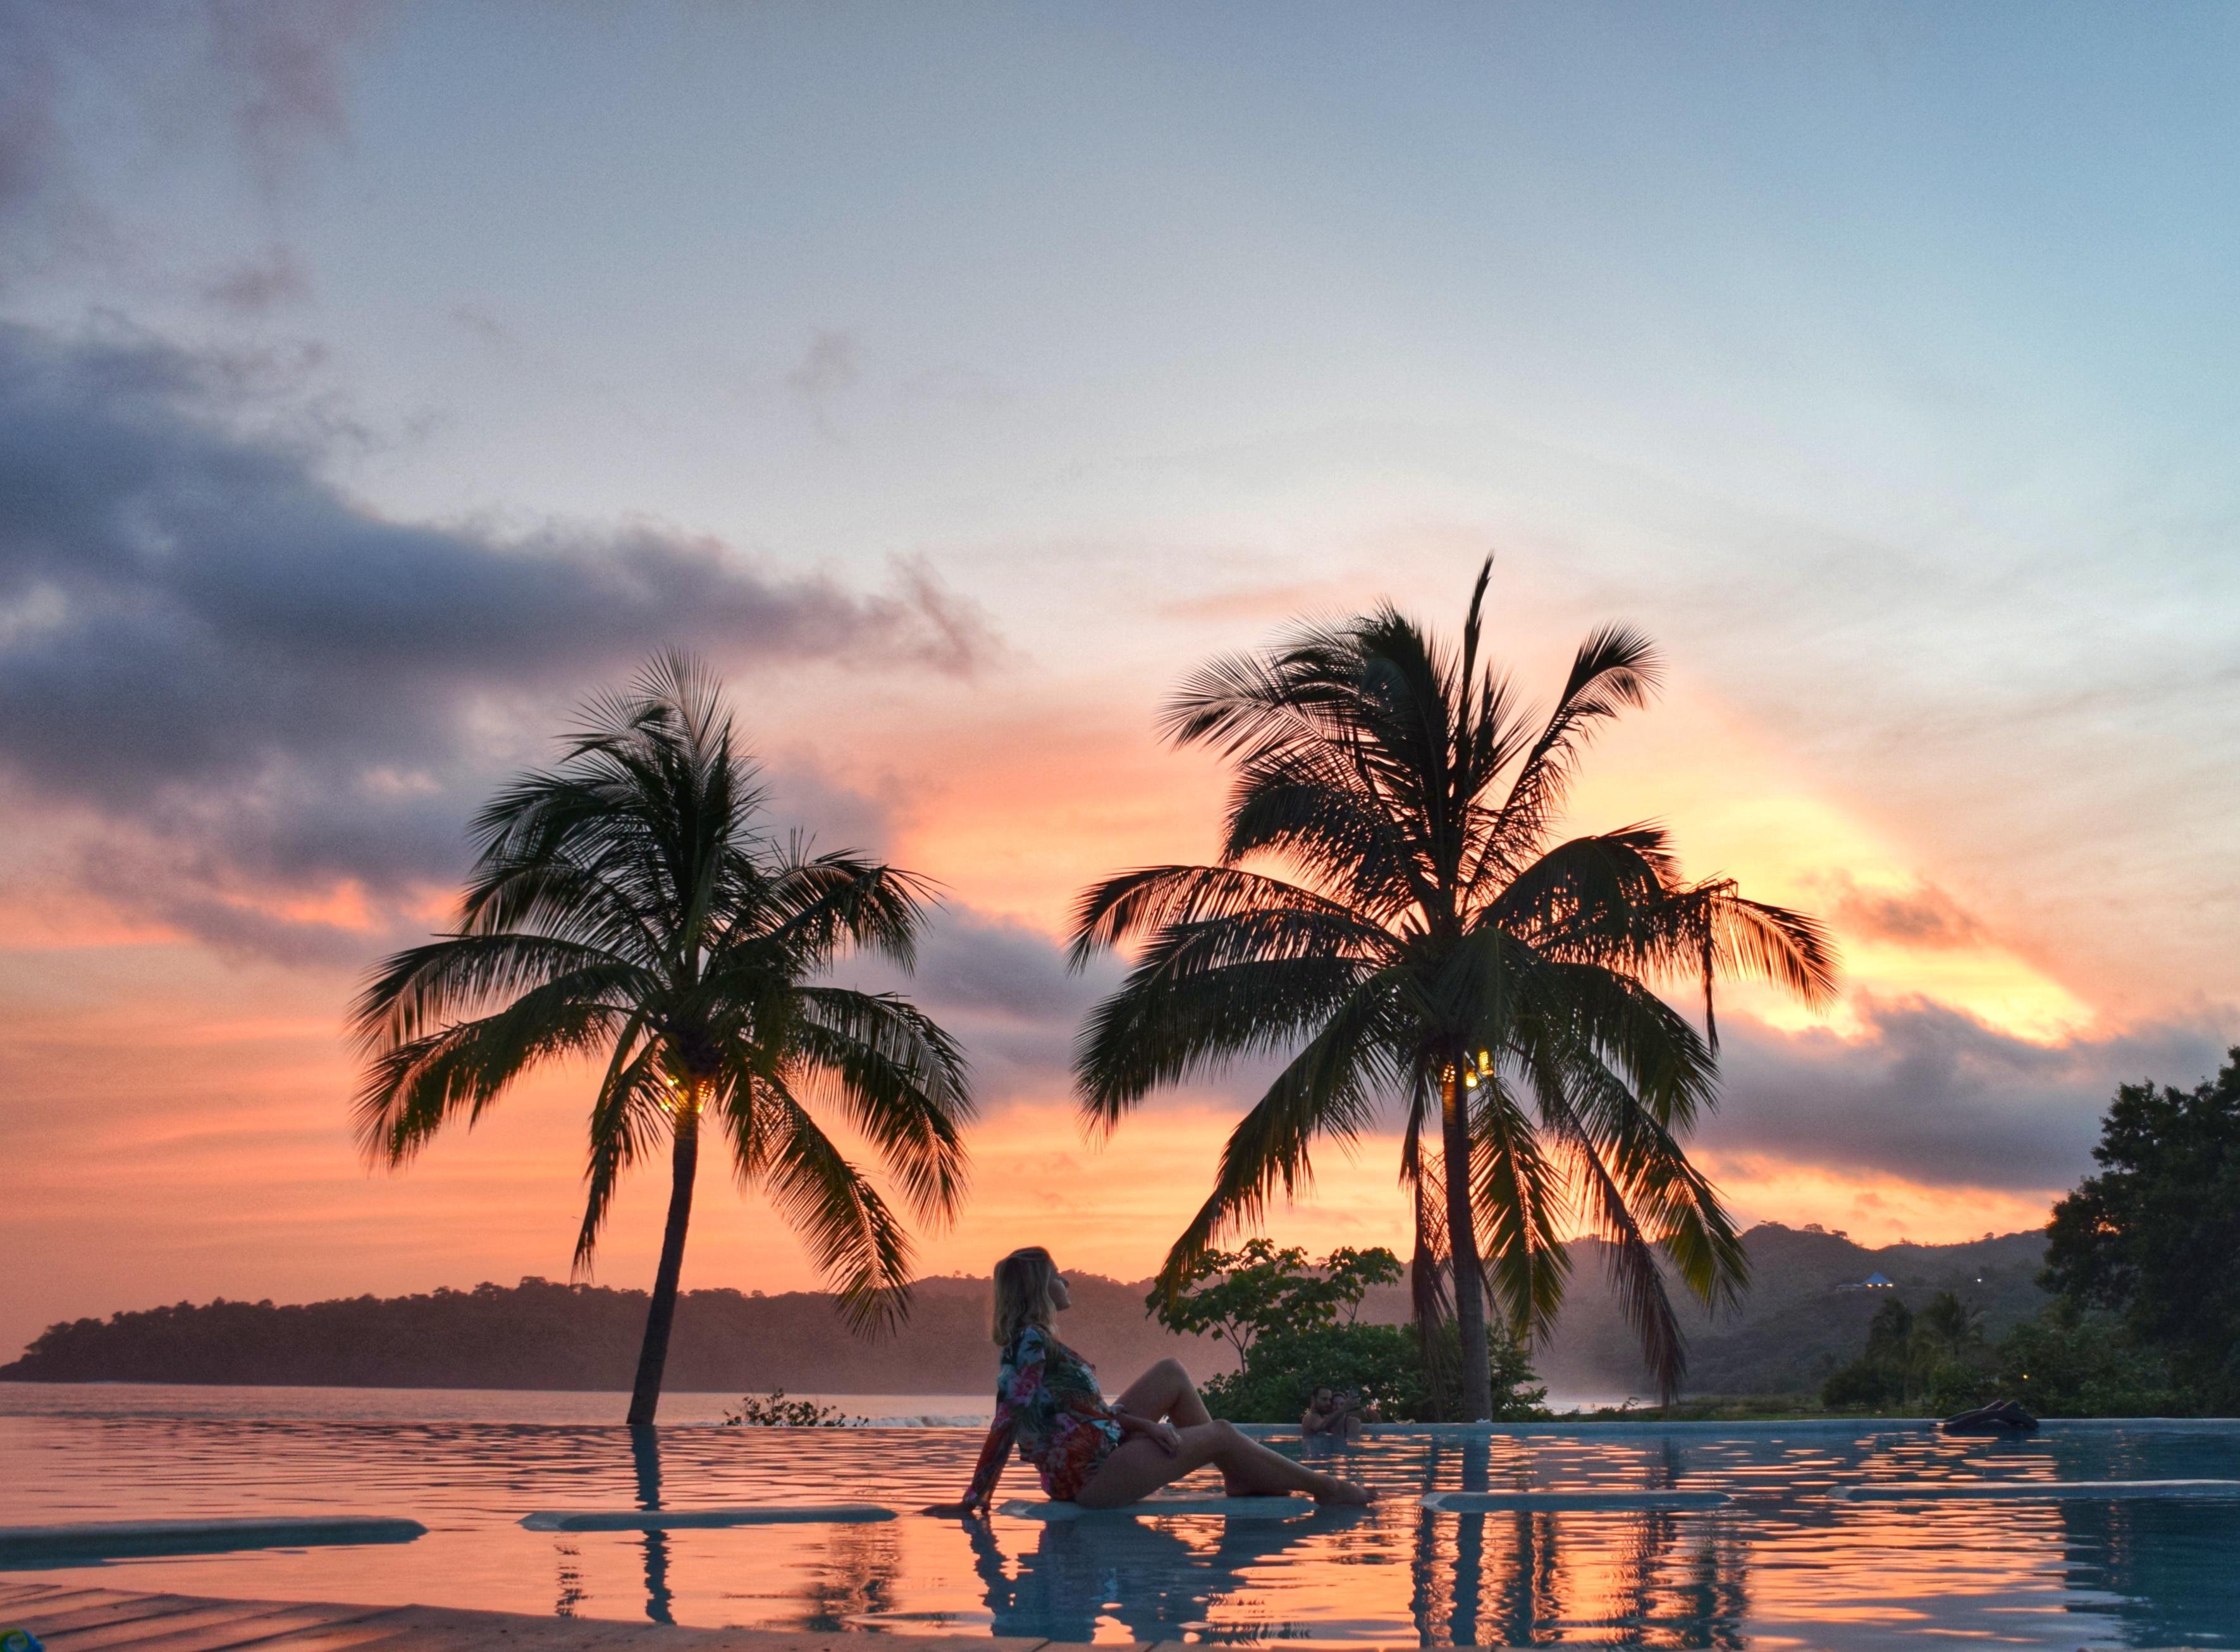 Por dol sol lindíssimo - Playa Venao - Panamá